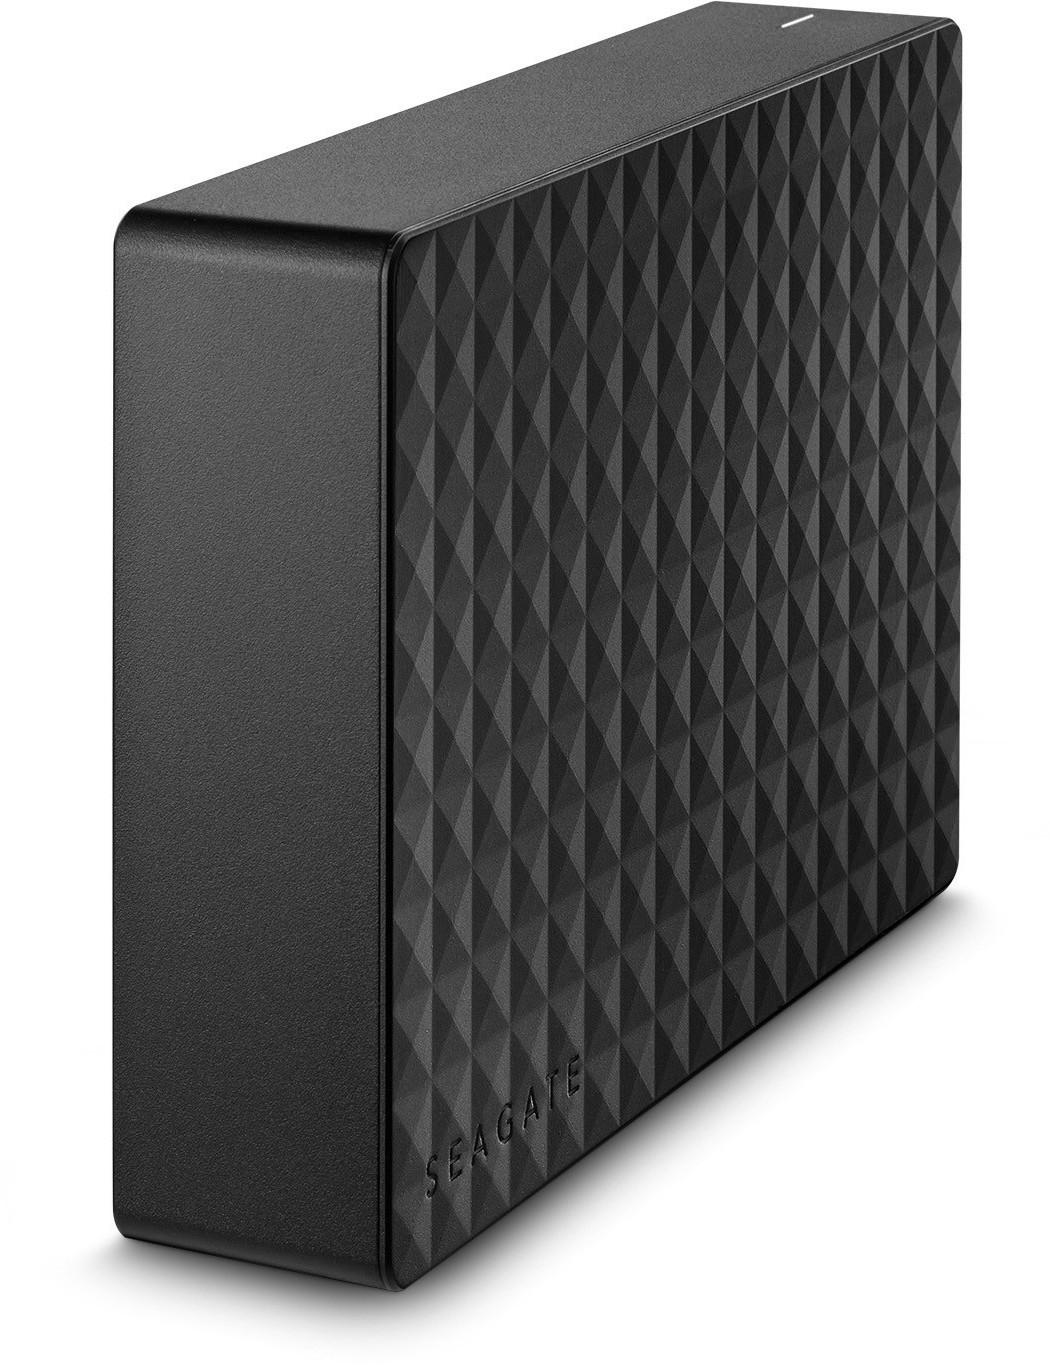 [Mediamarkt] SEAGATE Expansion Desktop, 8 TB HDD, 3.5 Zoll, extern für 129,-€ und 6TB für 99,-€